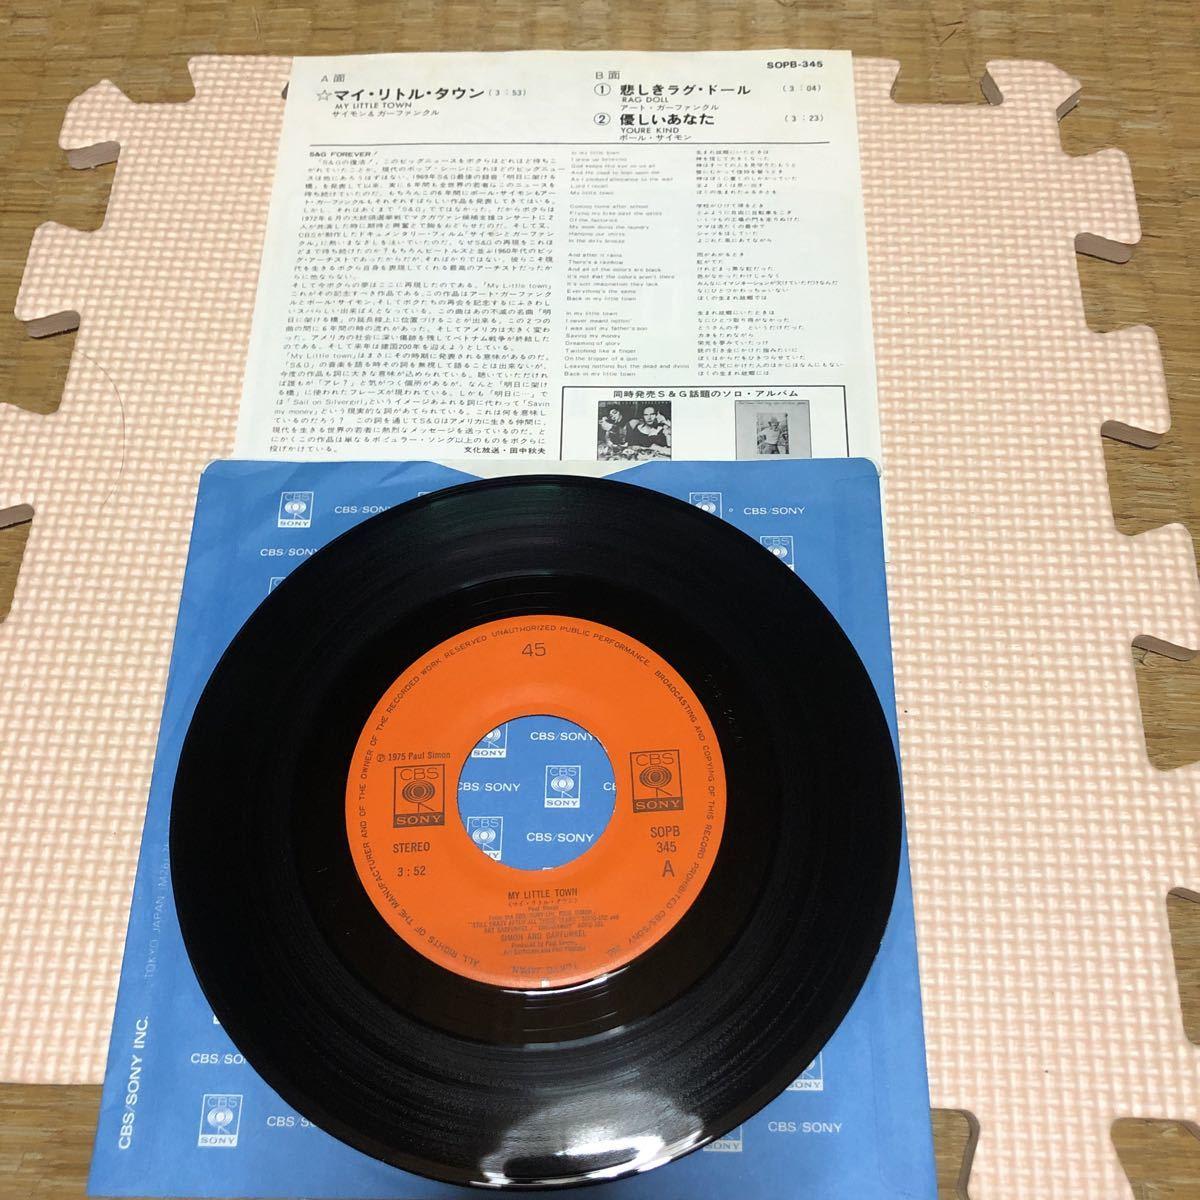 サイモン&ガーファンクル マイ・リトル・タウン 悲しきラグ・ドール 優しいあなた 再結成 3曲(ソロ2曲)国内盤7インチシングルレコード